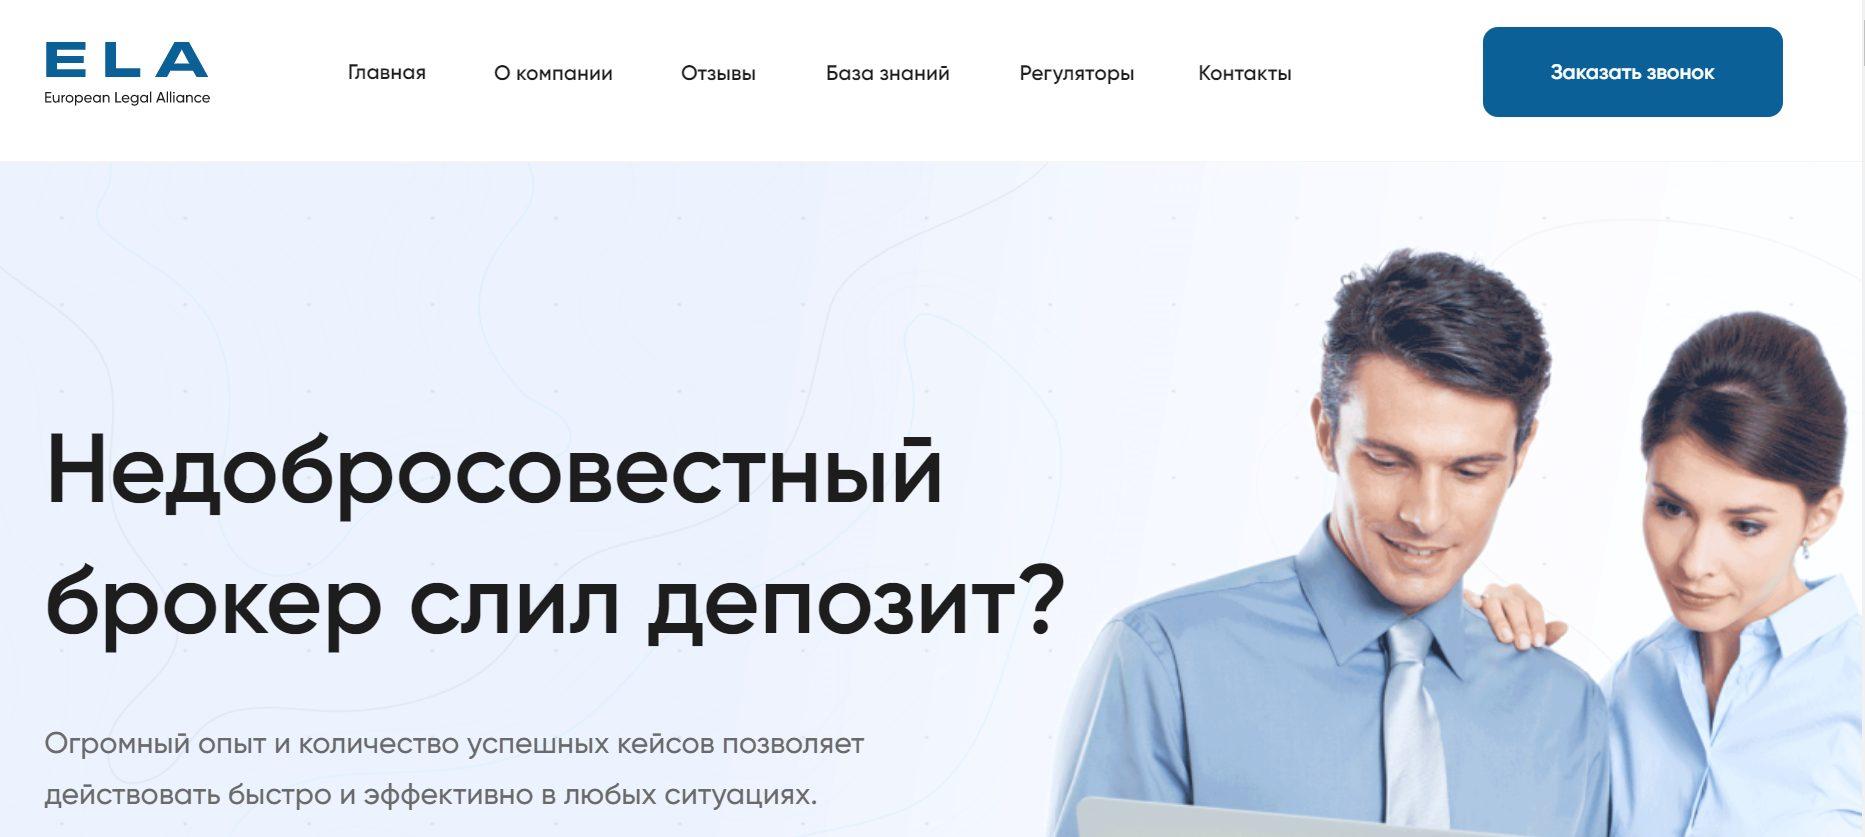 Главная сайта European Legal Alliance